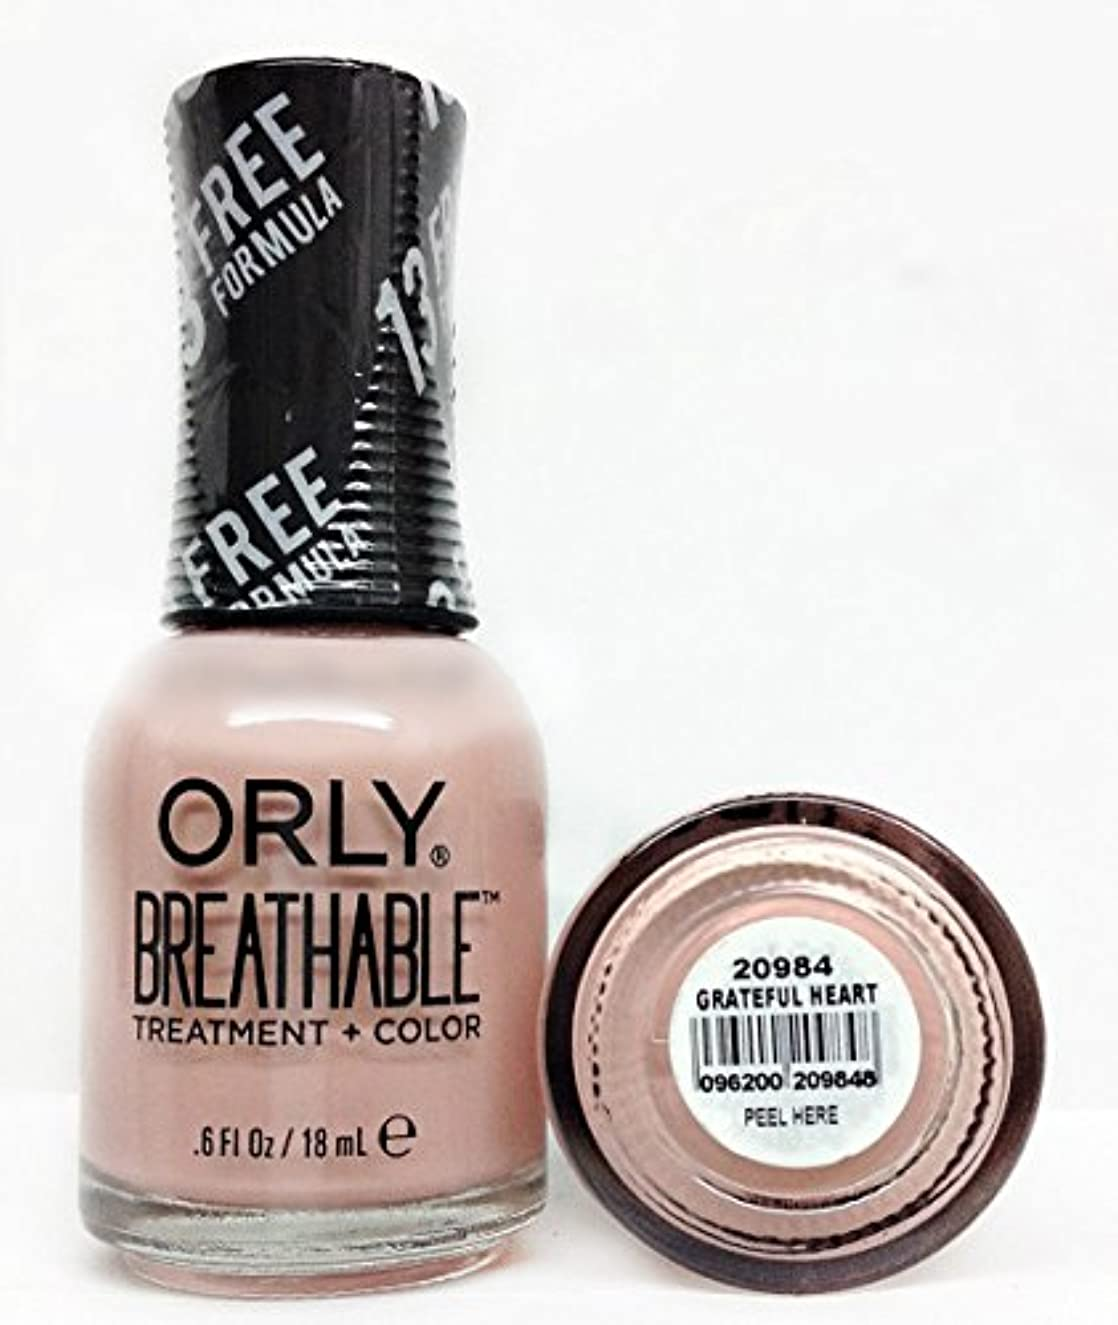 赤外線オレンジ侵略Orly Breathable Nail Lacquer - Treatment + Color - Grateful Heart - 0.6 oz / 18 mL